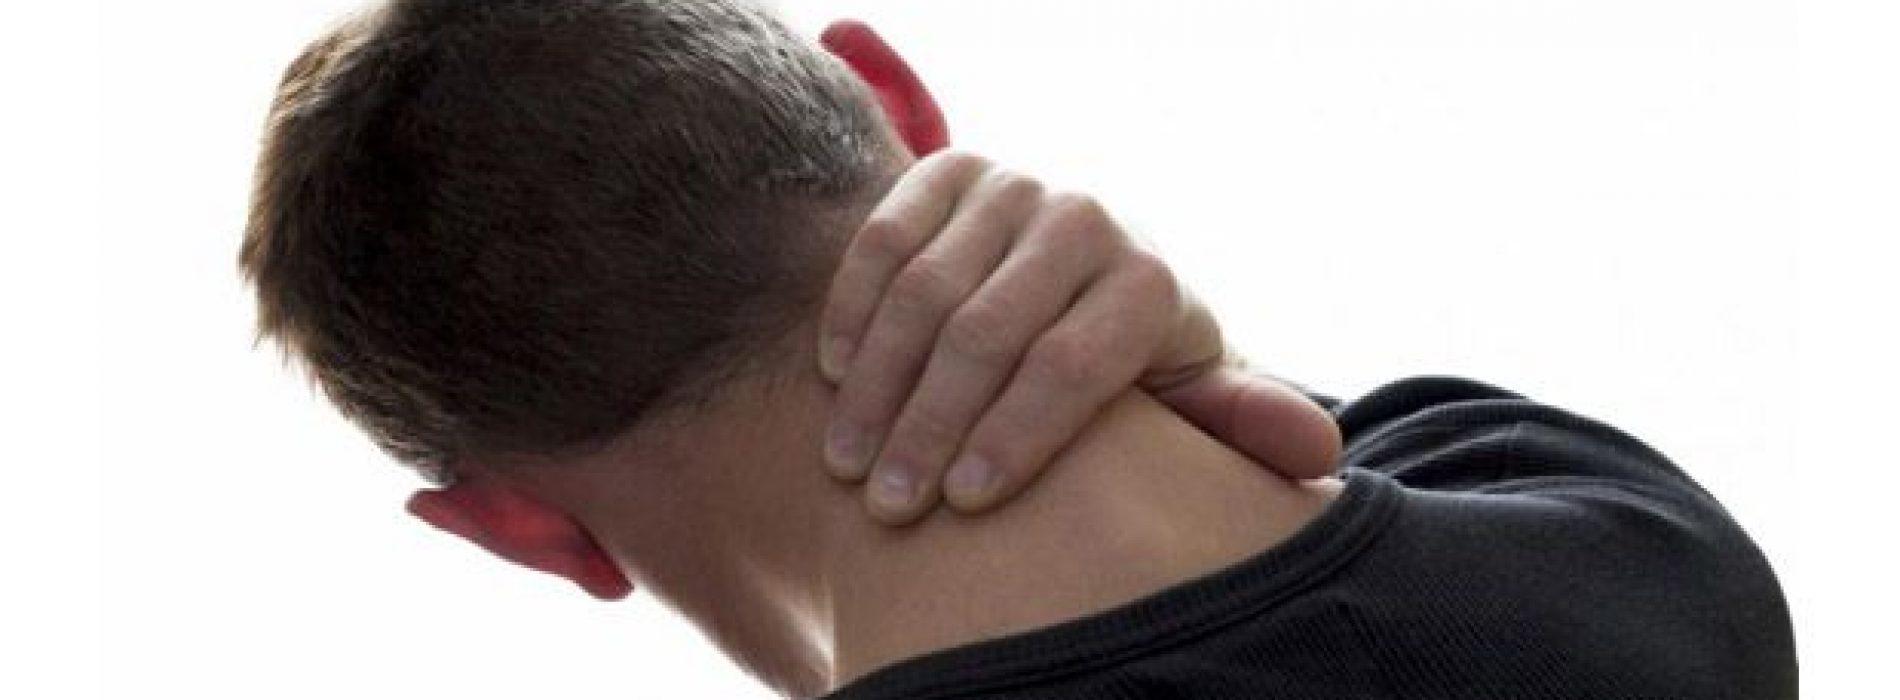 Krijg verlichting van rug-, nek- en kaakpijn met deze eenvoudige levenshack